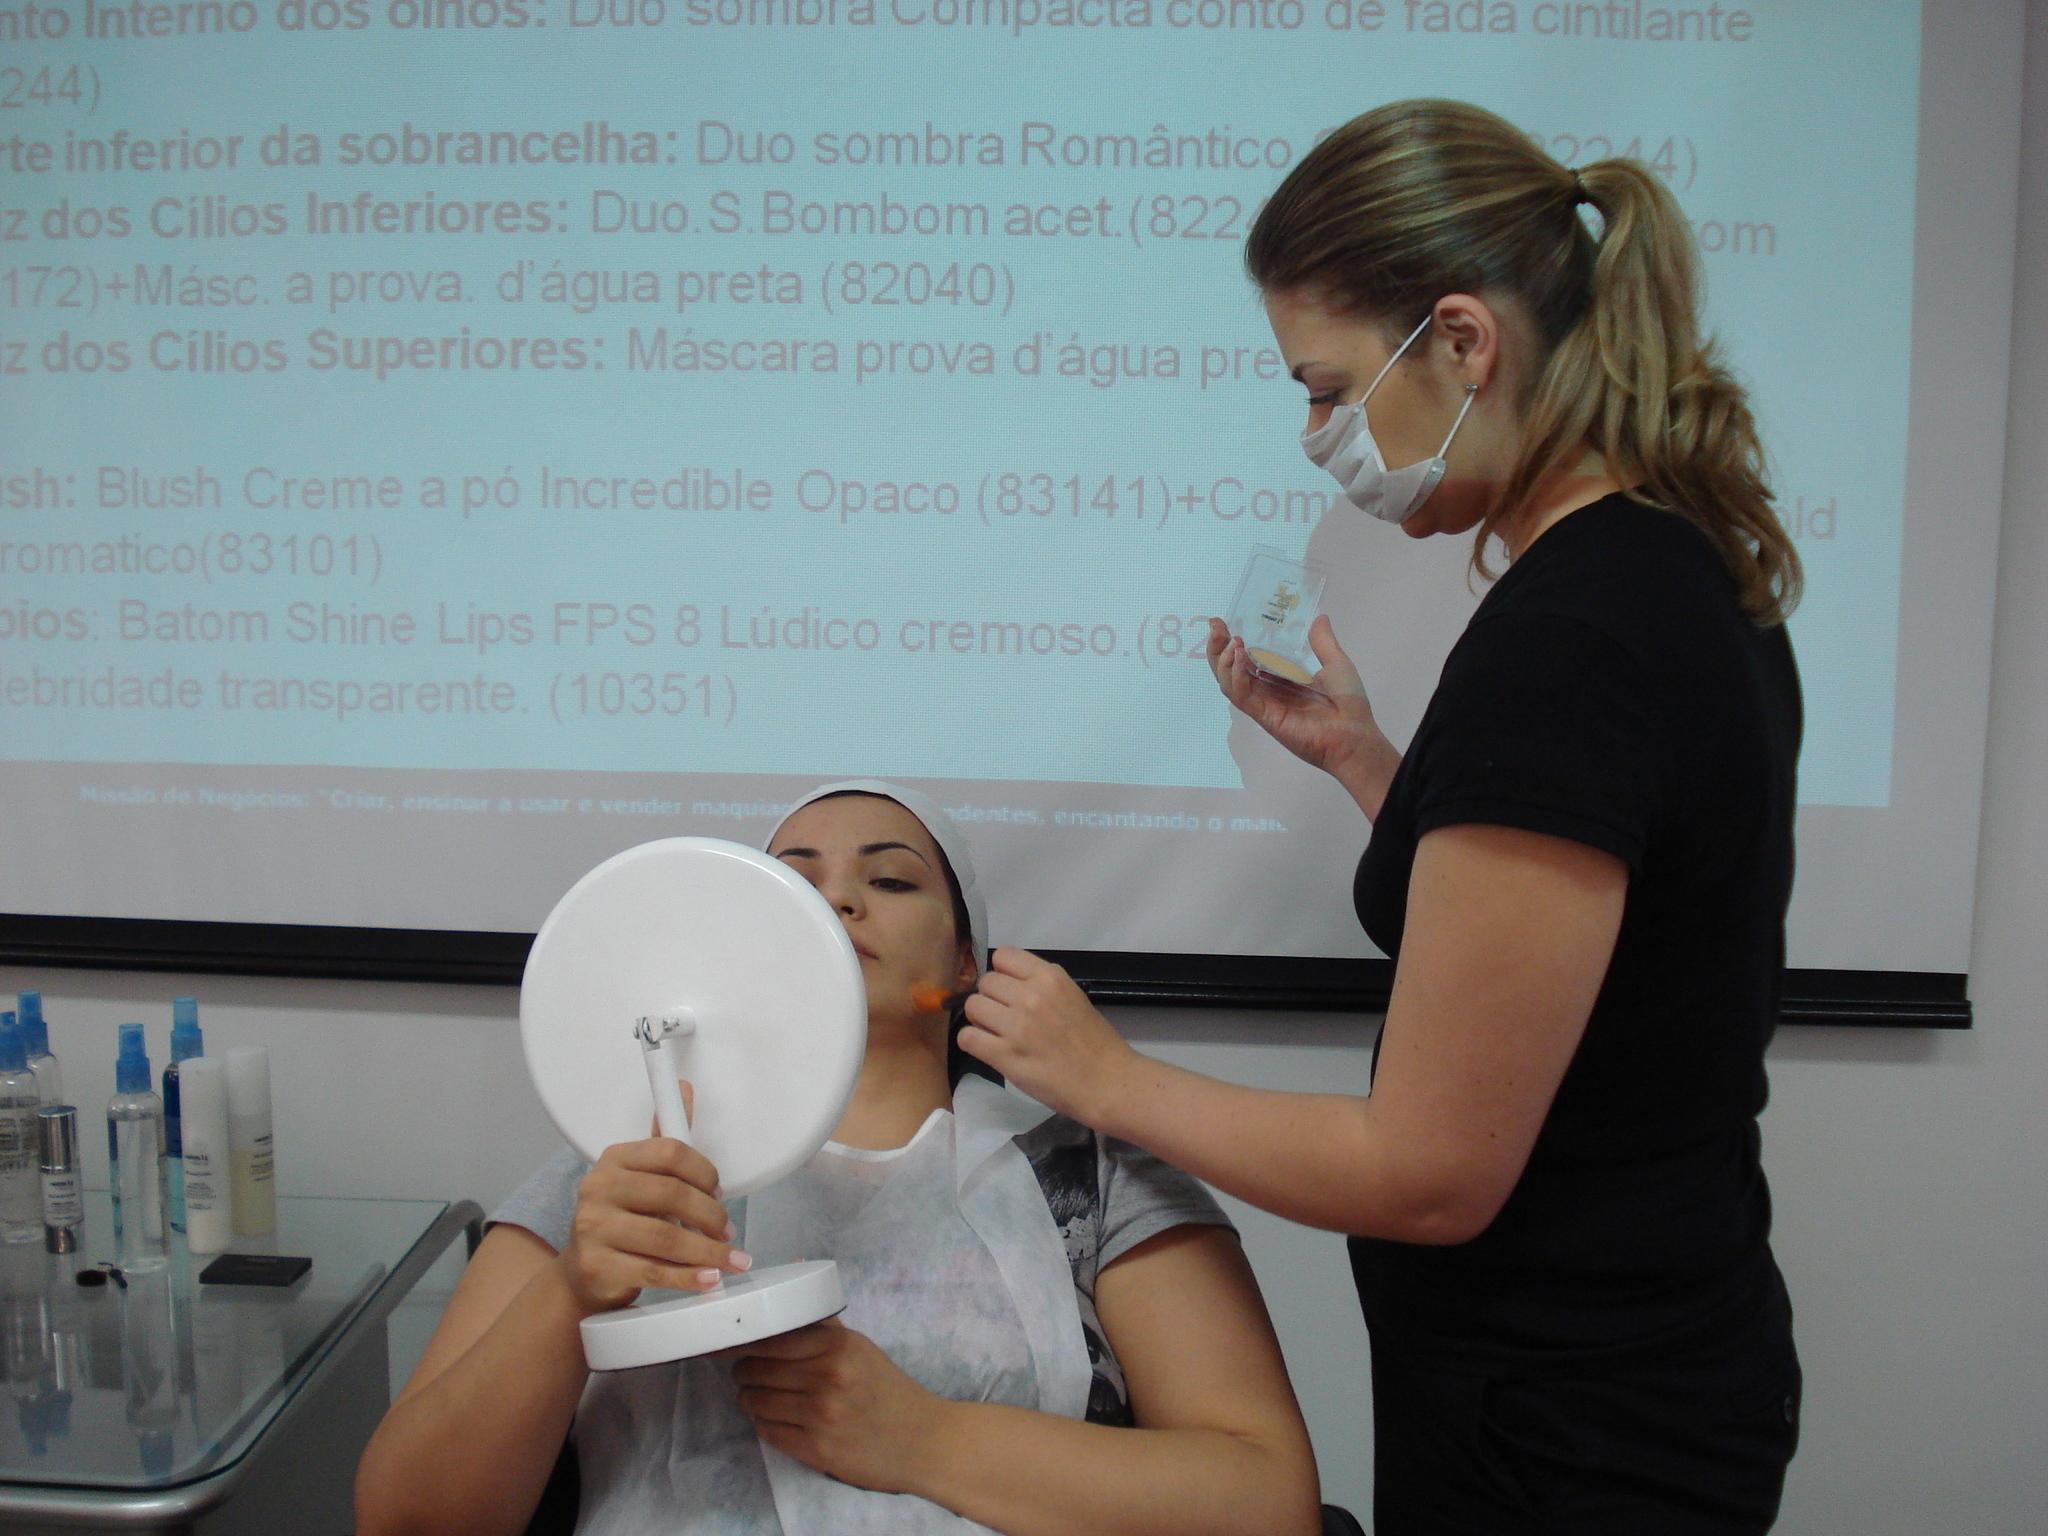 Treinamento de Maquiagem Contém1g makeup para vendedoras e franqueados (2010) maquiagem maquiador(a)